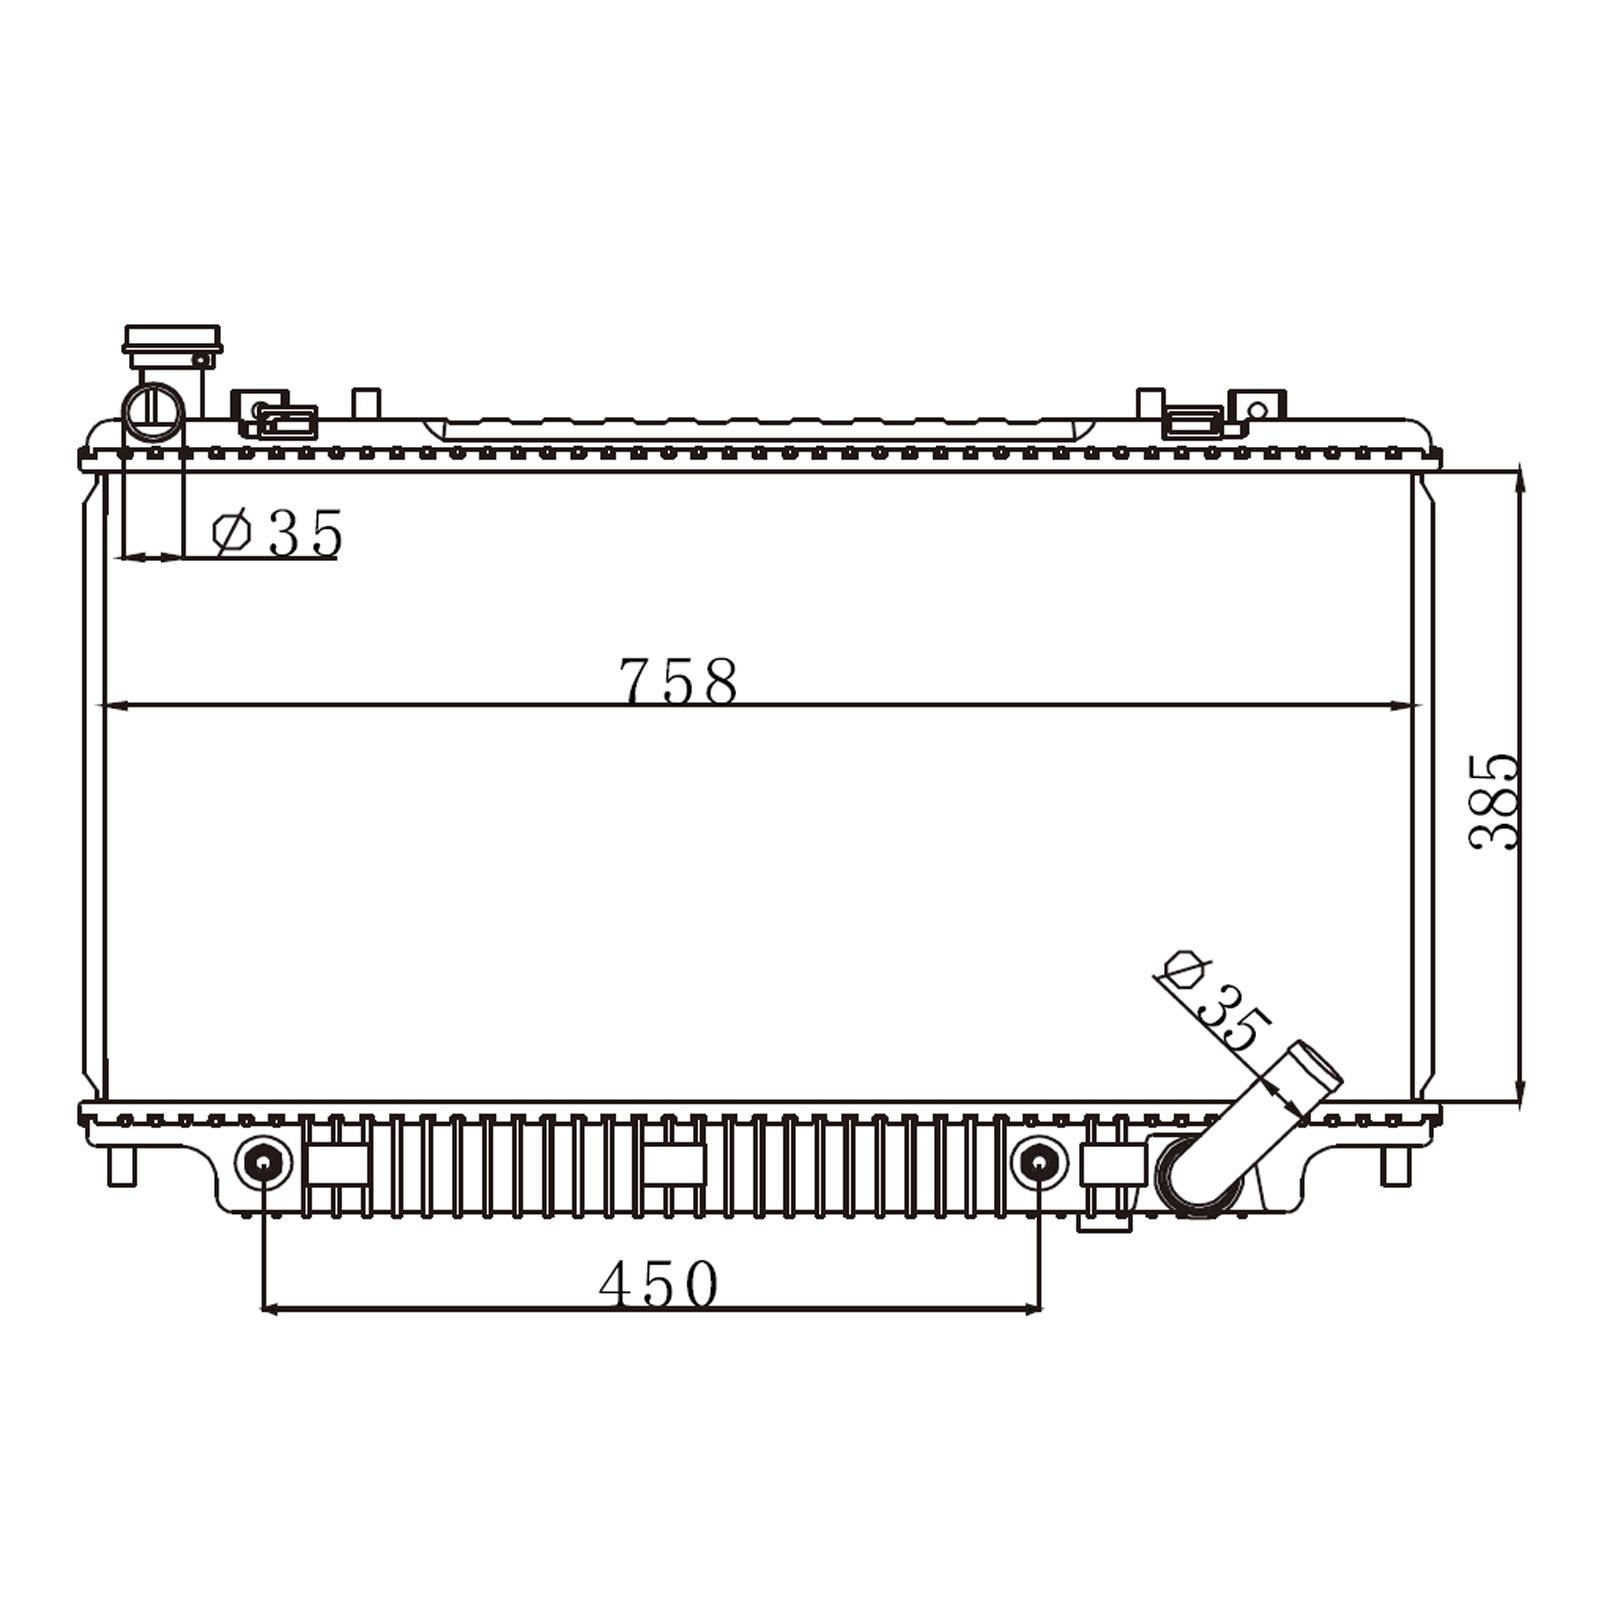 Dromedary-High Quality New 2688 Full Aluminum Radiator For Lexus Rx 330 33-202-v6